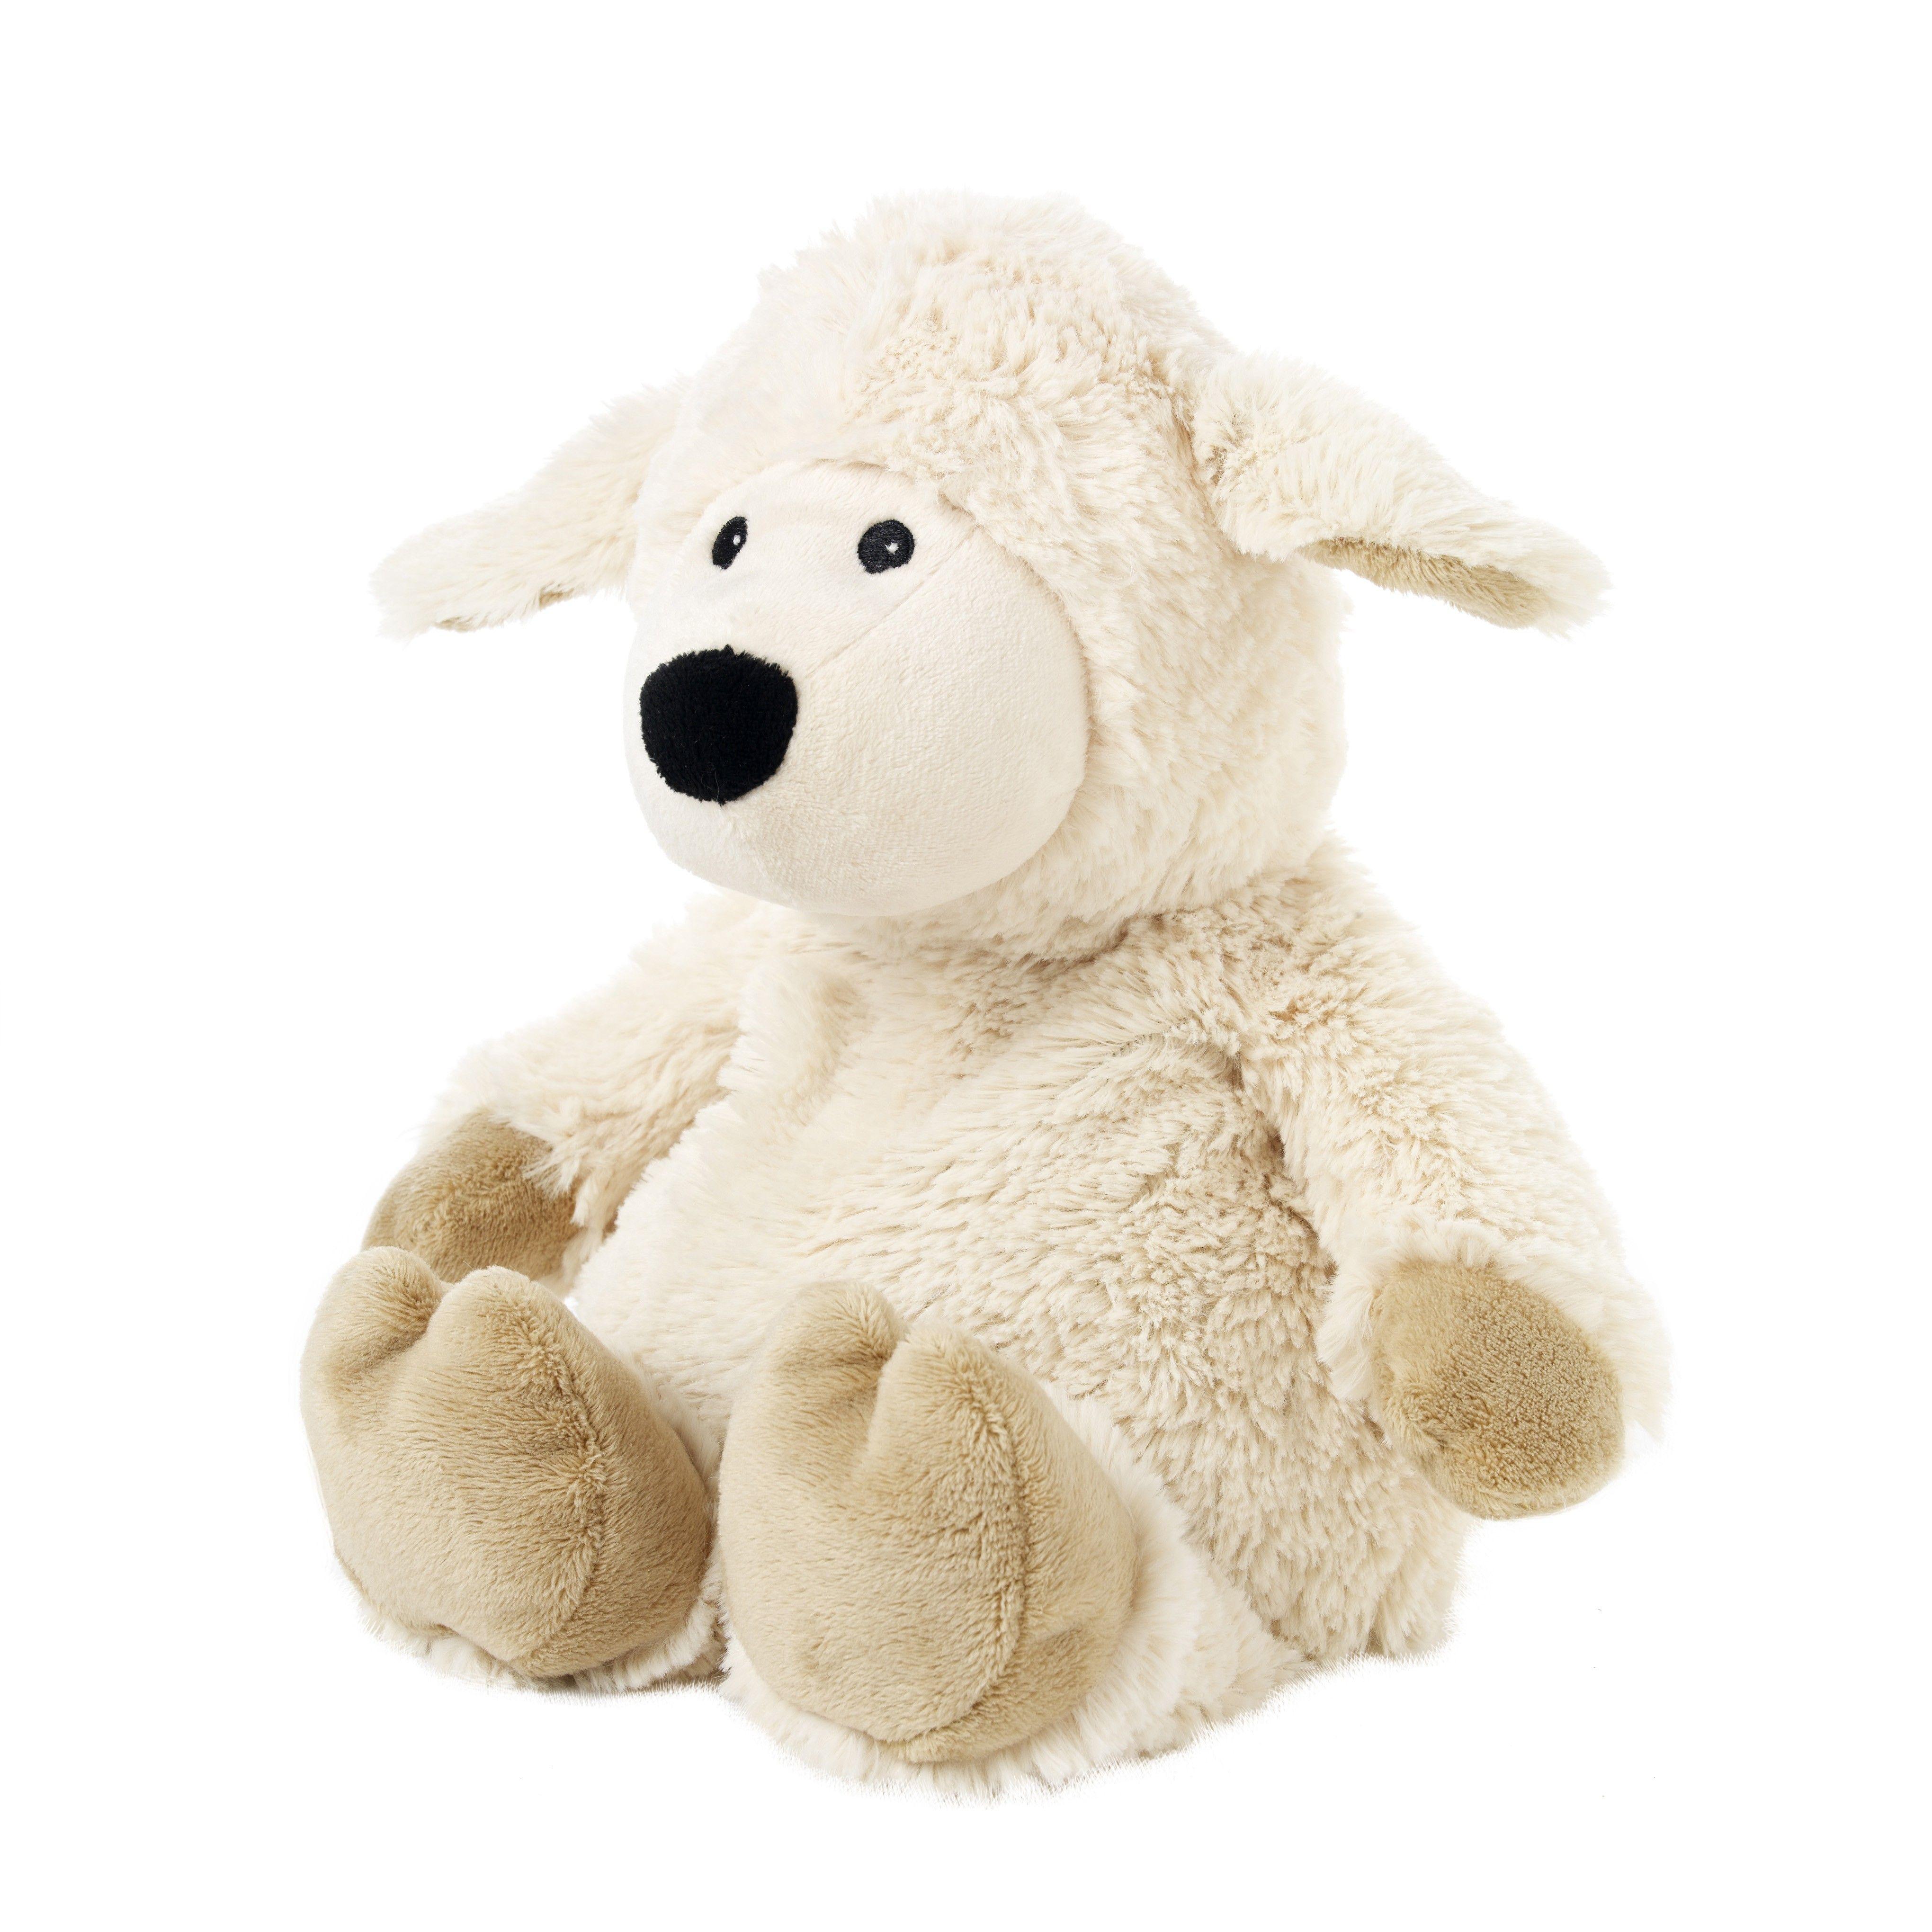 Warmies Sheep Microwavable Cozy Plush Soft Toy Plush